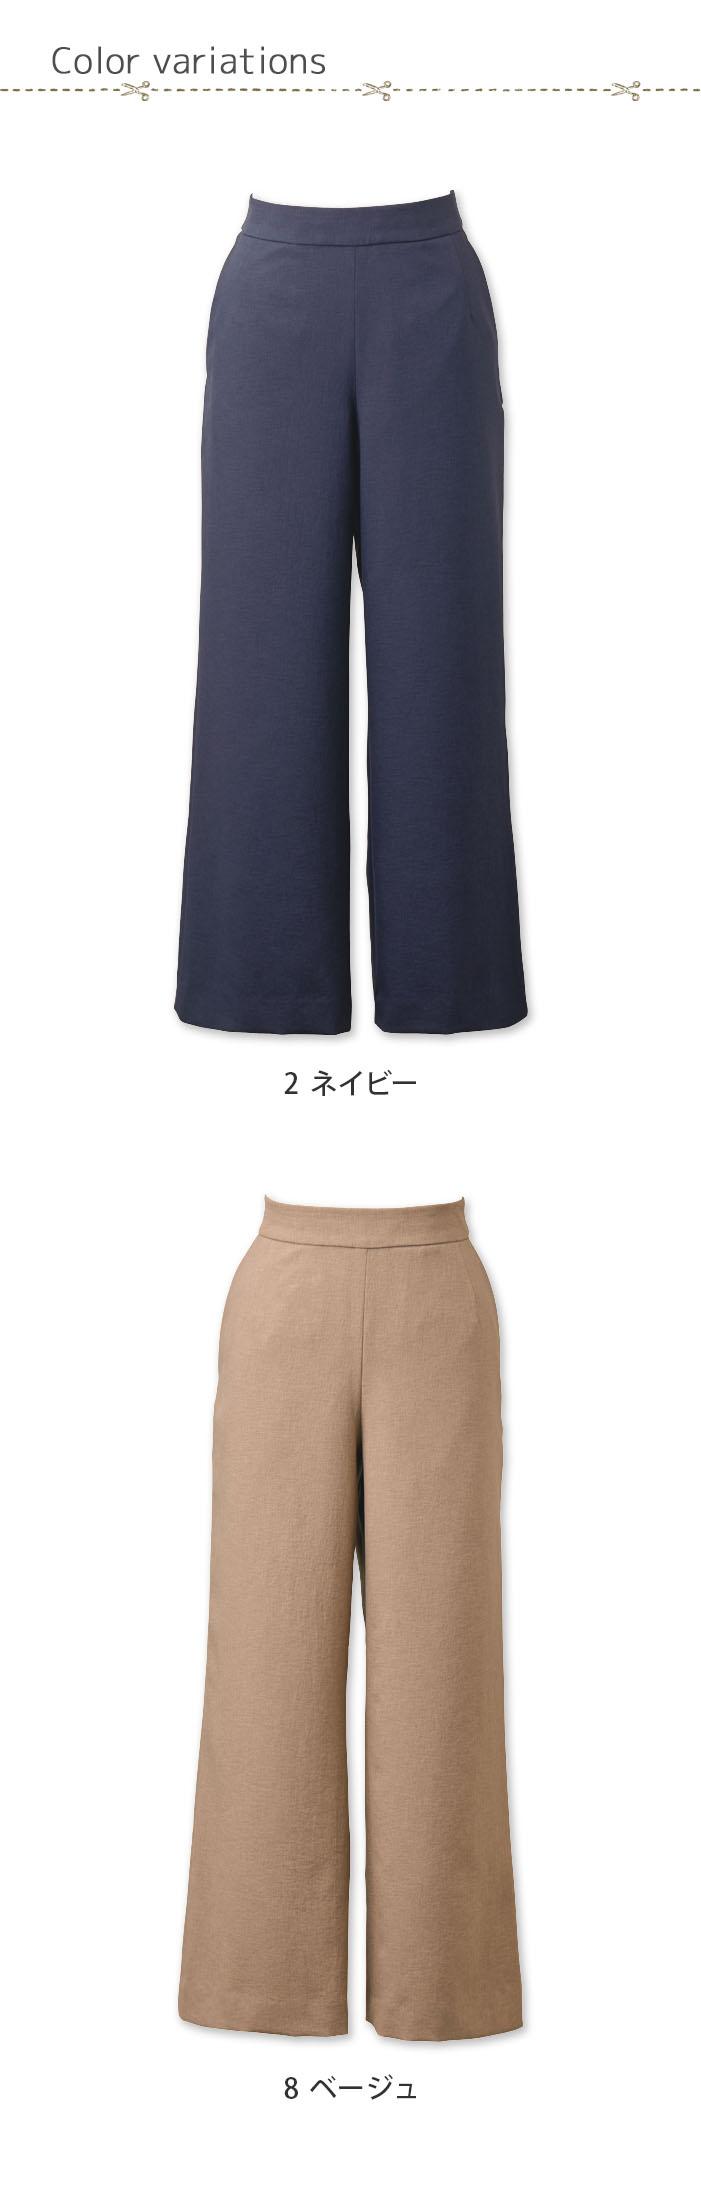 ナチュラルでリラックス感のある 涼しく軽いワイドパンツ【2色】女性用 カラー